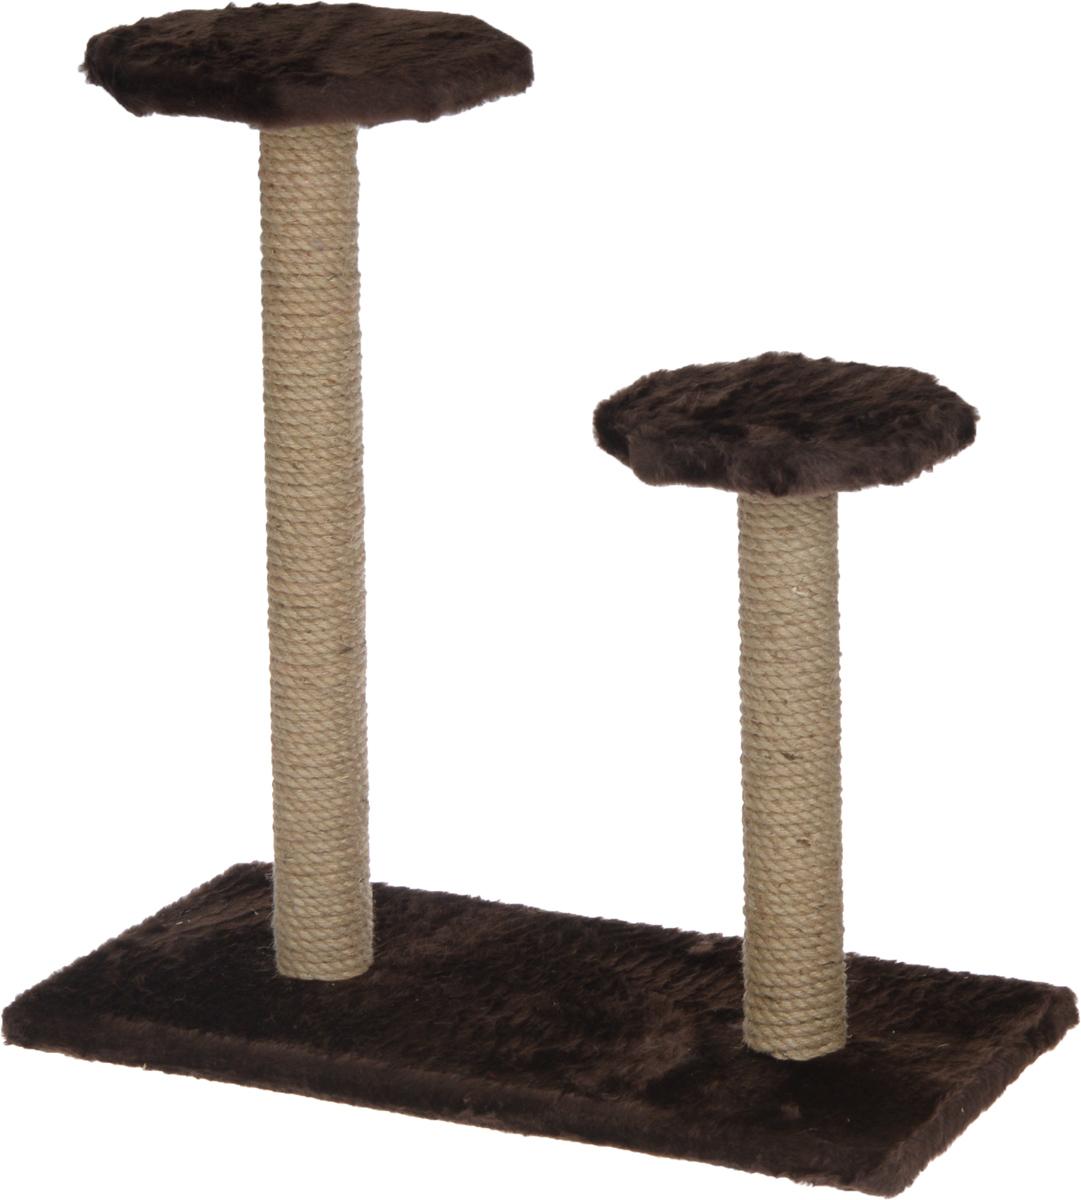 Когтеточка ЗооМарк, на подставке, с полками, цвет: темно-коричневый, 56 х 31 х 64 см16394Когтеточка ЗооМарк поможет сохранить мебель и ковры в доме от когтей вашего любимца, стремящегося удовлетворить свою естественную потребность точить когти. Когтеточка изготовлена из дерева, искусственного меха и джута. Товар продуман в мельчайших деталях и, несомненно, понравится вашей кошке. Имеется две полки.Всем кошкам необходимо стачивать когти. Когтеточка - один из самых необходимых аксессуаров для кошки. Для приучения к когтеточке можно натереть ее сухой валерьянкой или кошачьей мятой. Когтеточка поможет вашему любимцу стачивать когти и при этом не портить вашу мебель.